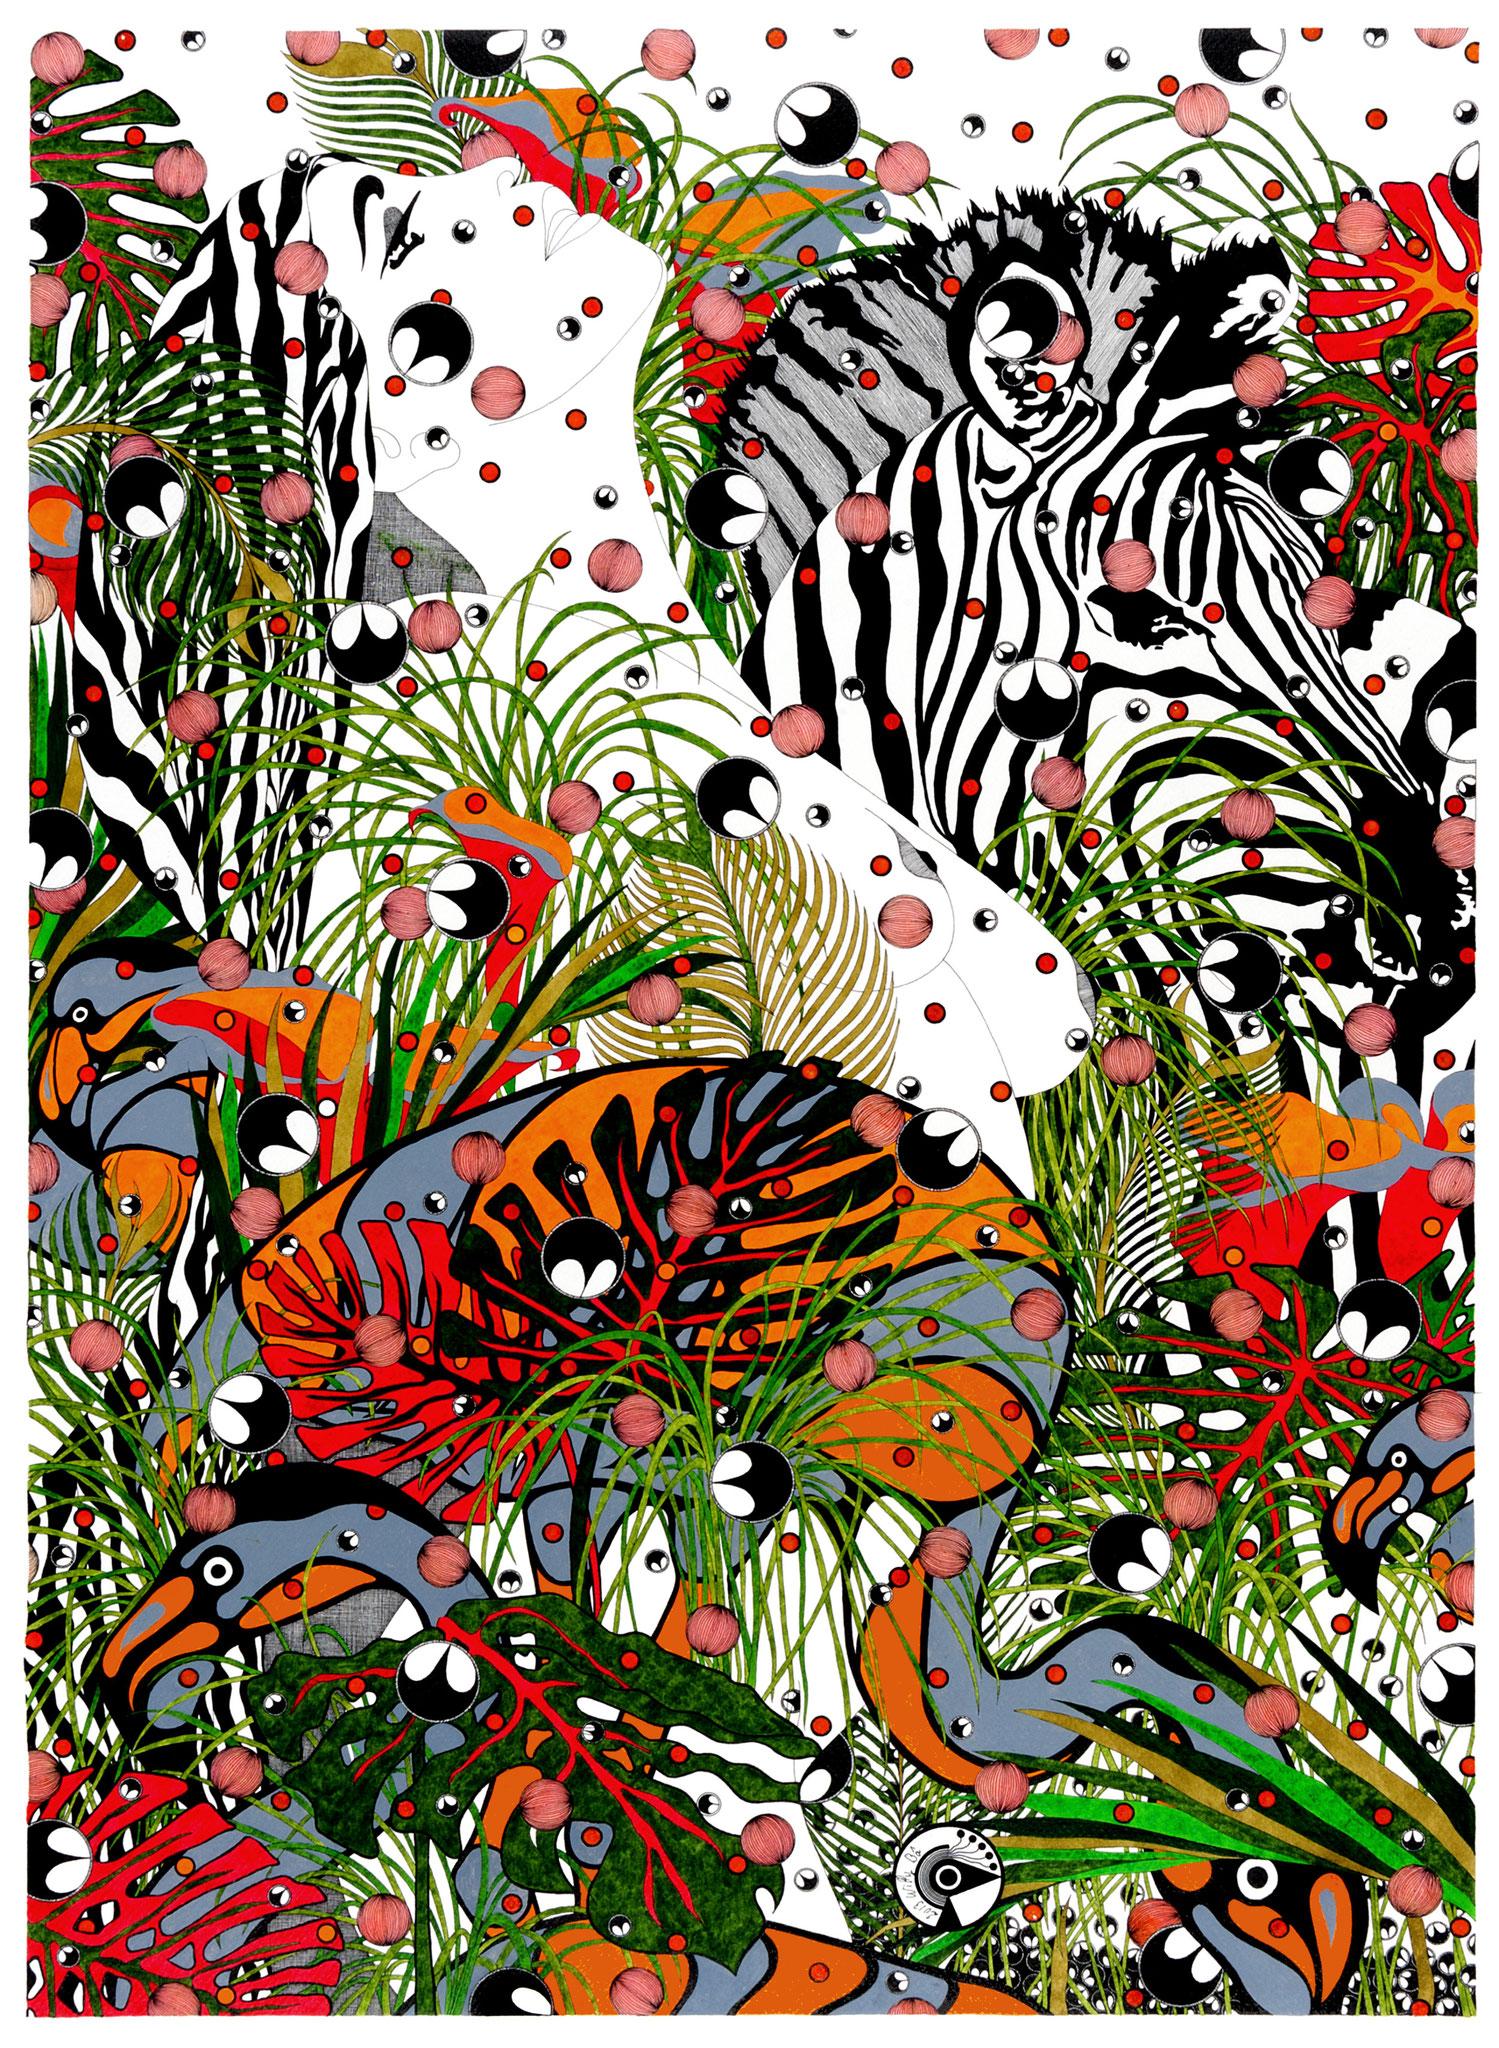 Dans la jungle - encre de chine et acrylique - 60 x 80 cm - oeuvre de Willy Bâ